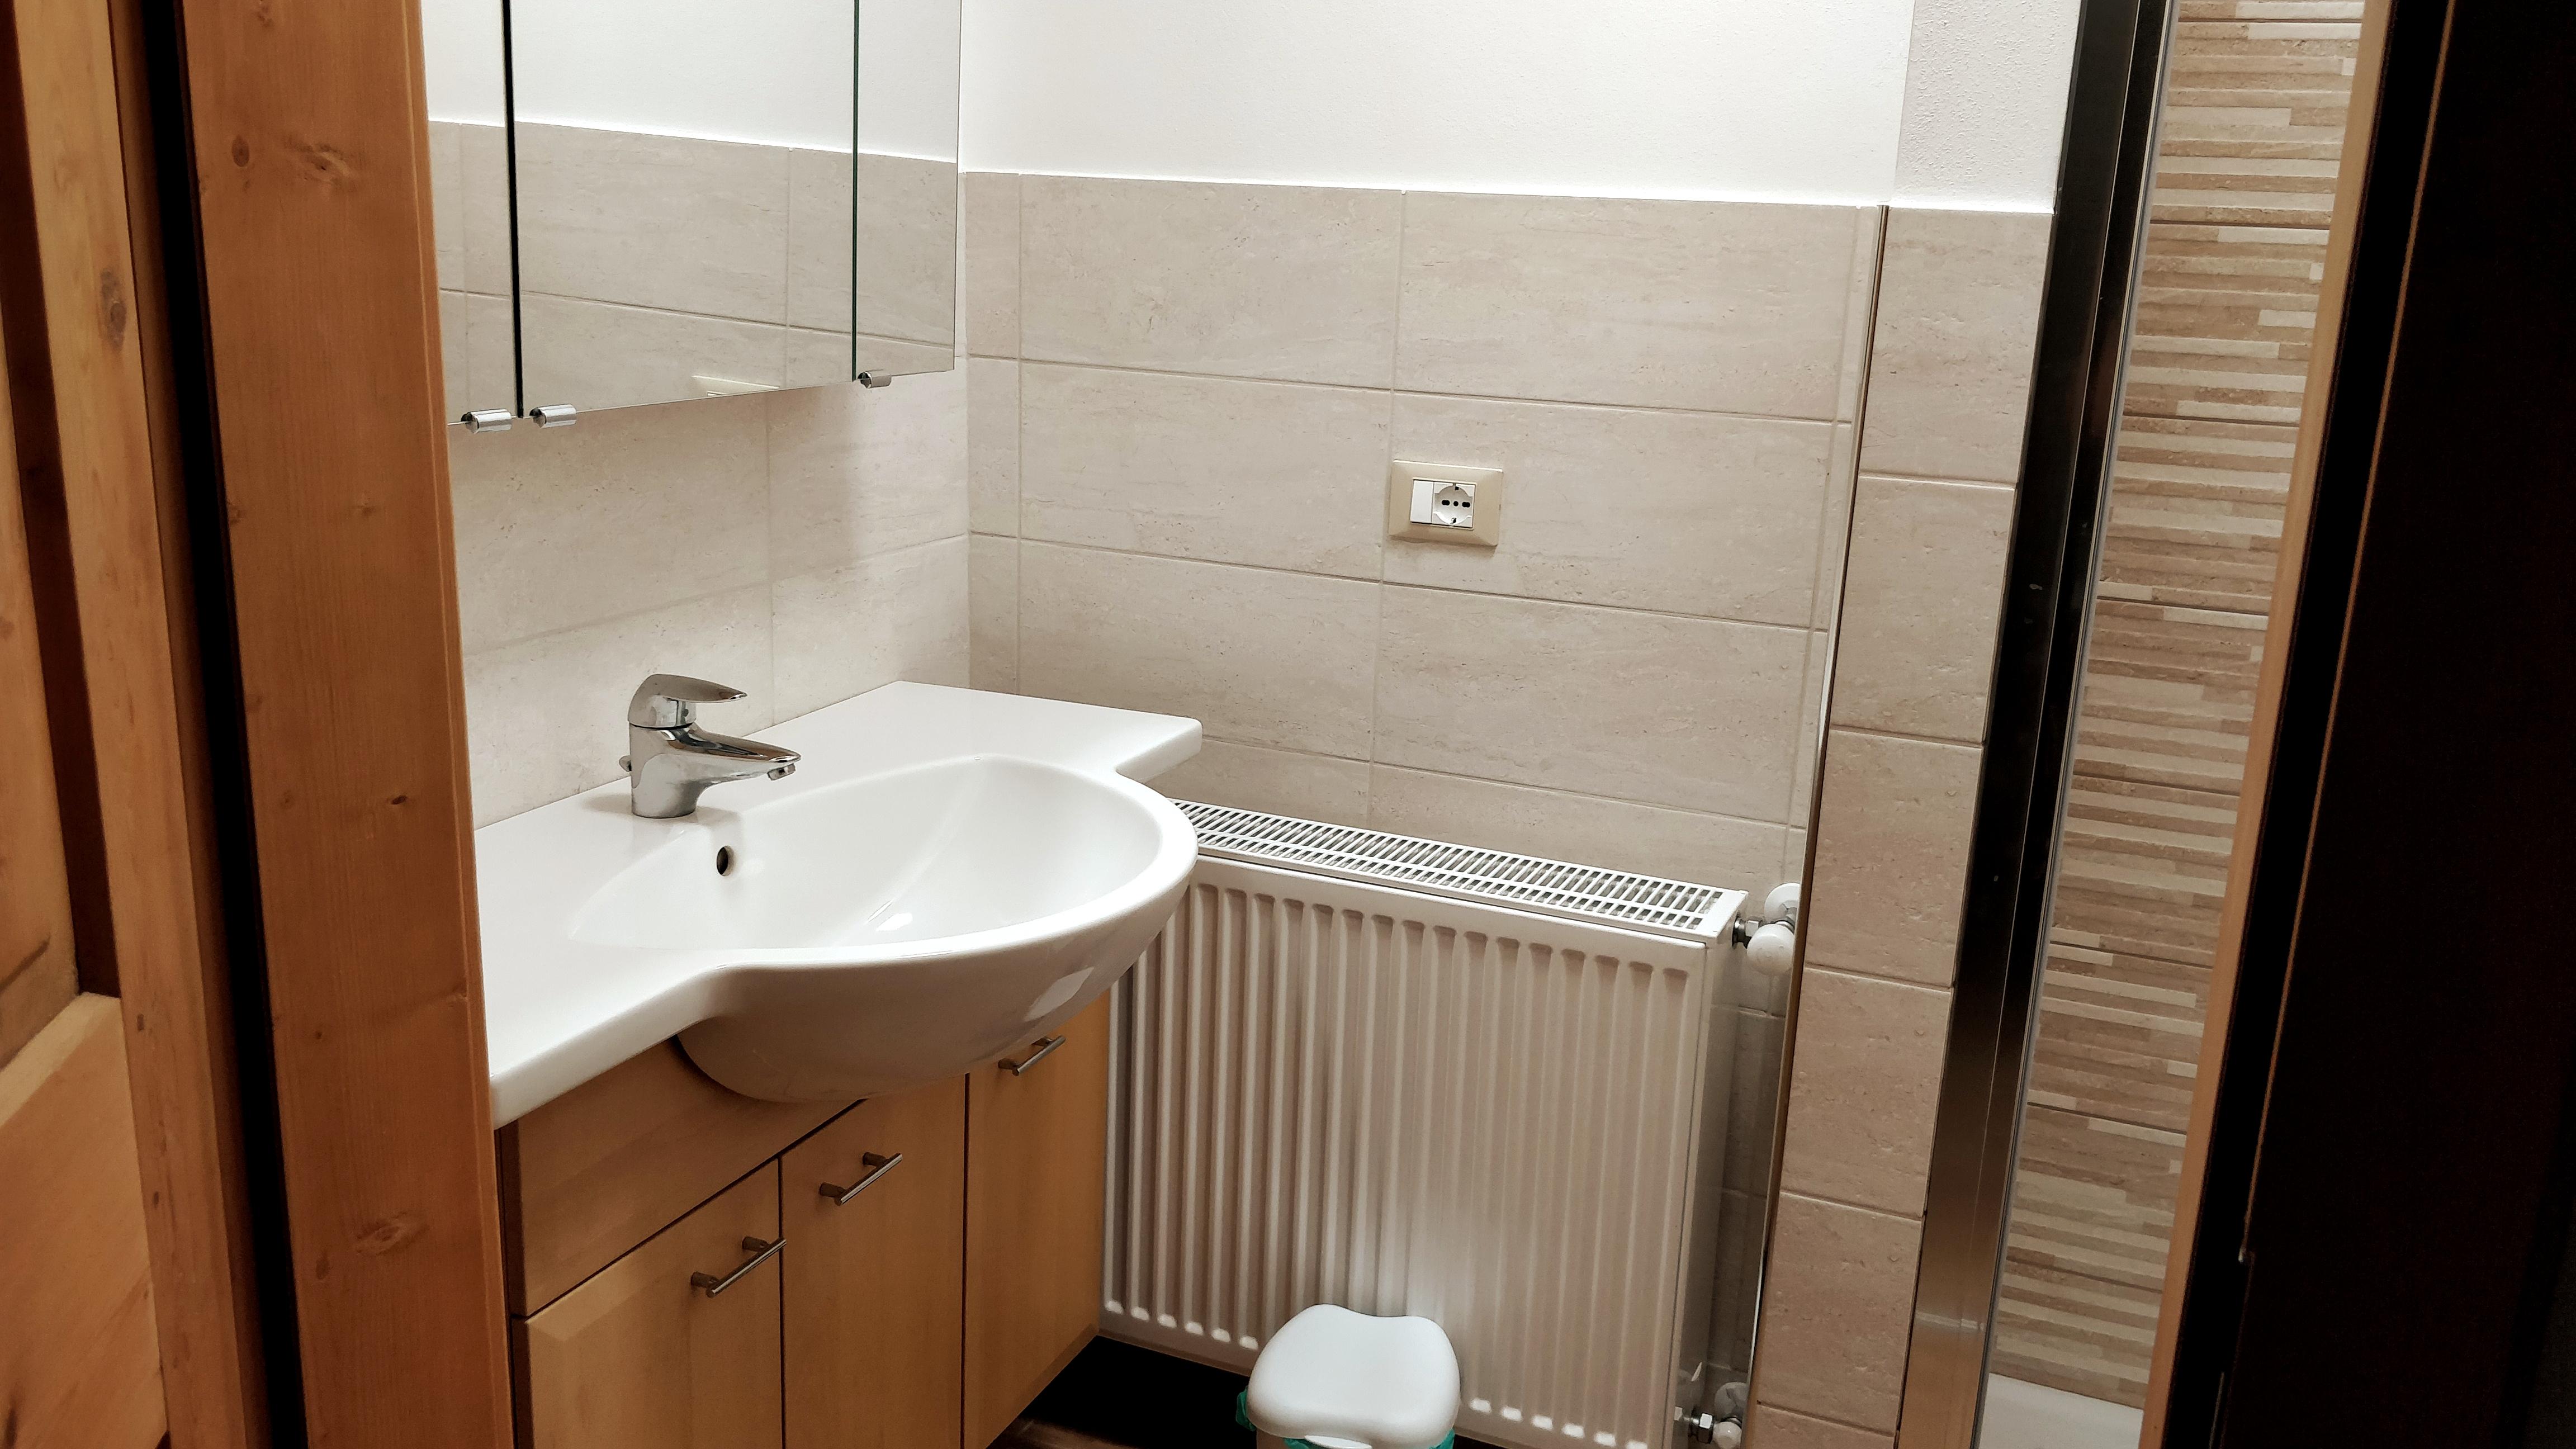 Mobili In Legno Massiccio Trentino two rooms in merano - apartments for rent in merano